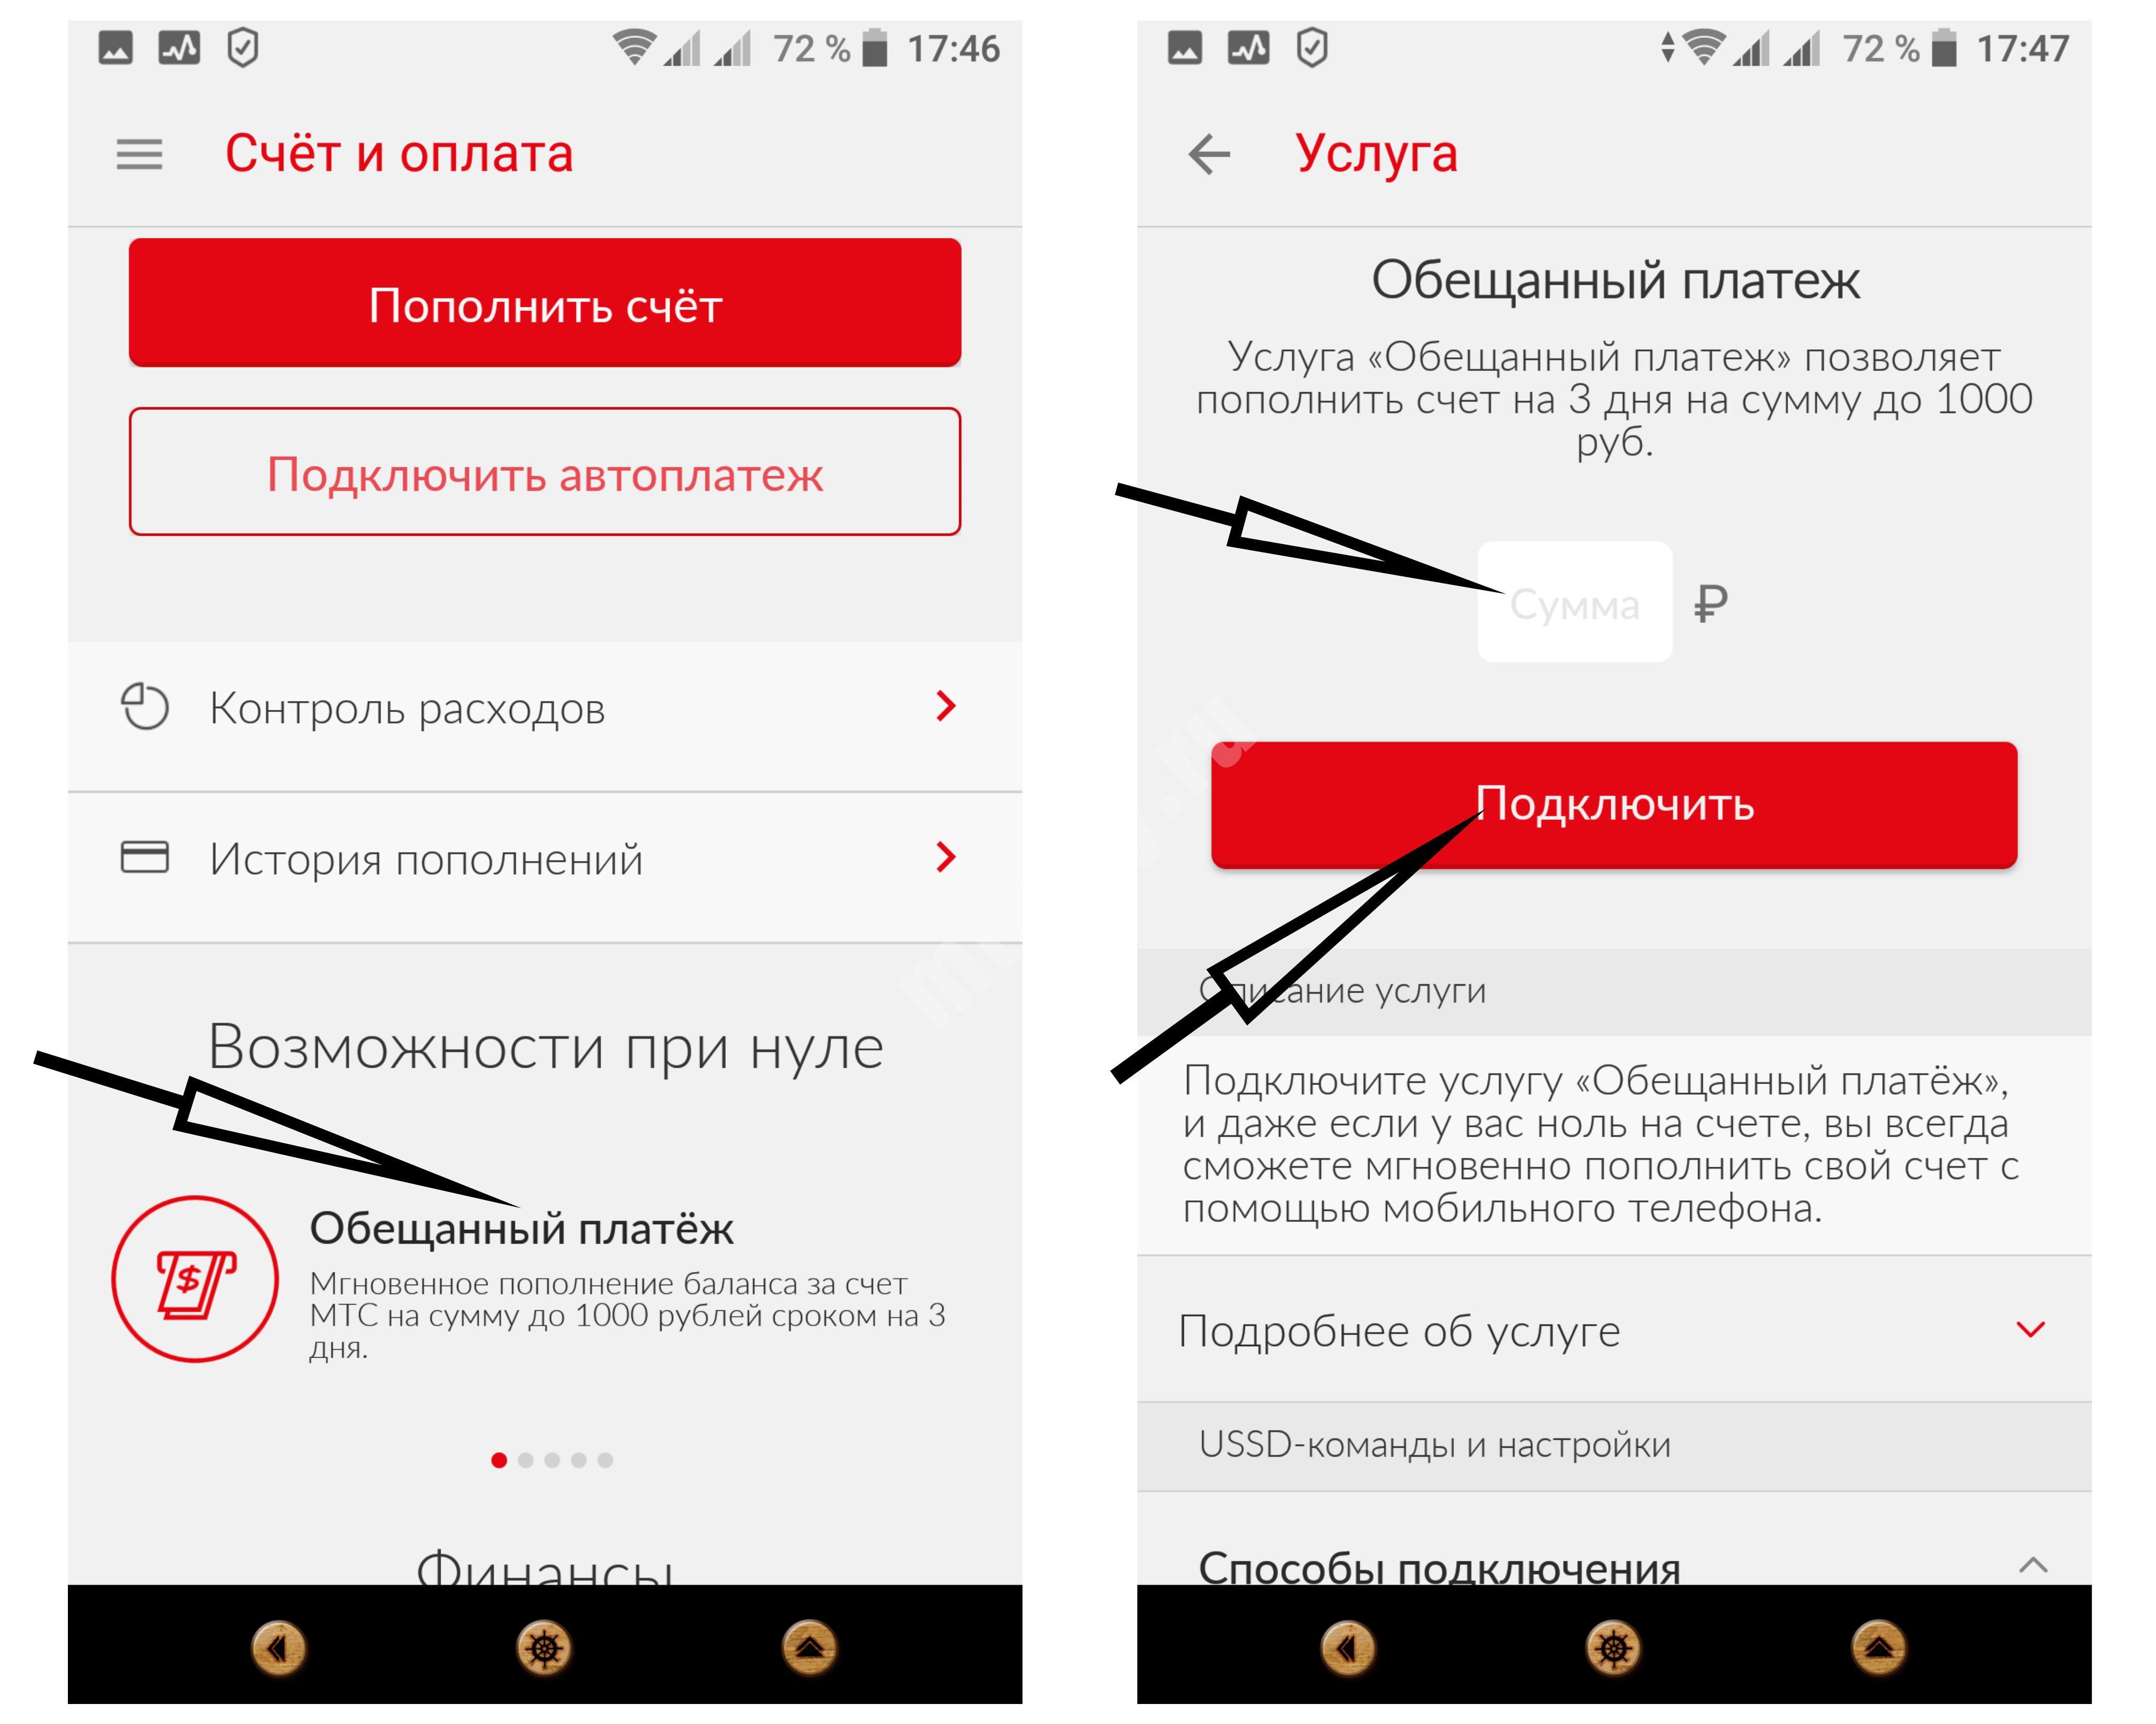 Взять кредит в мтс украина взять кредит в кургане росбанк